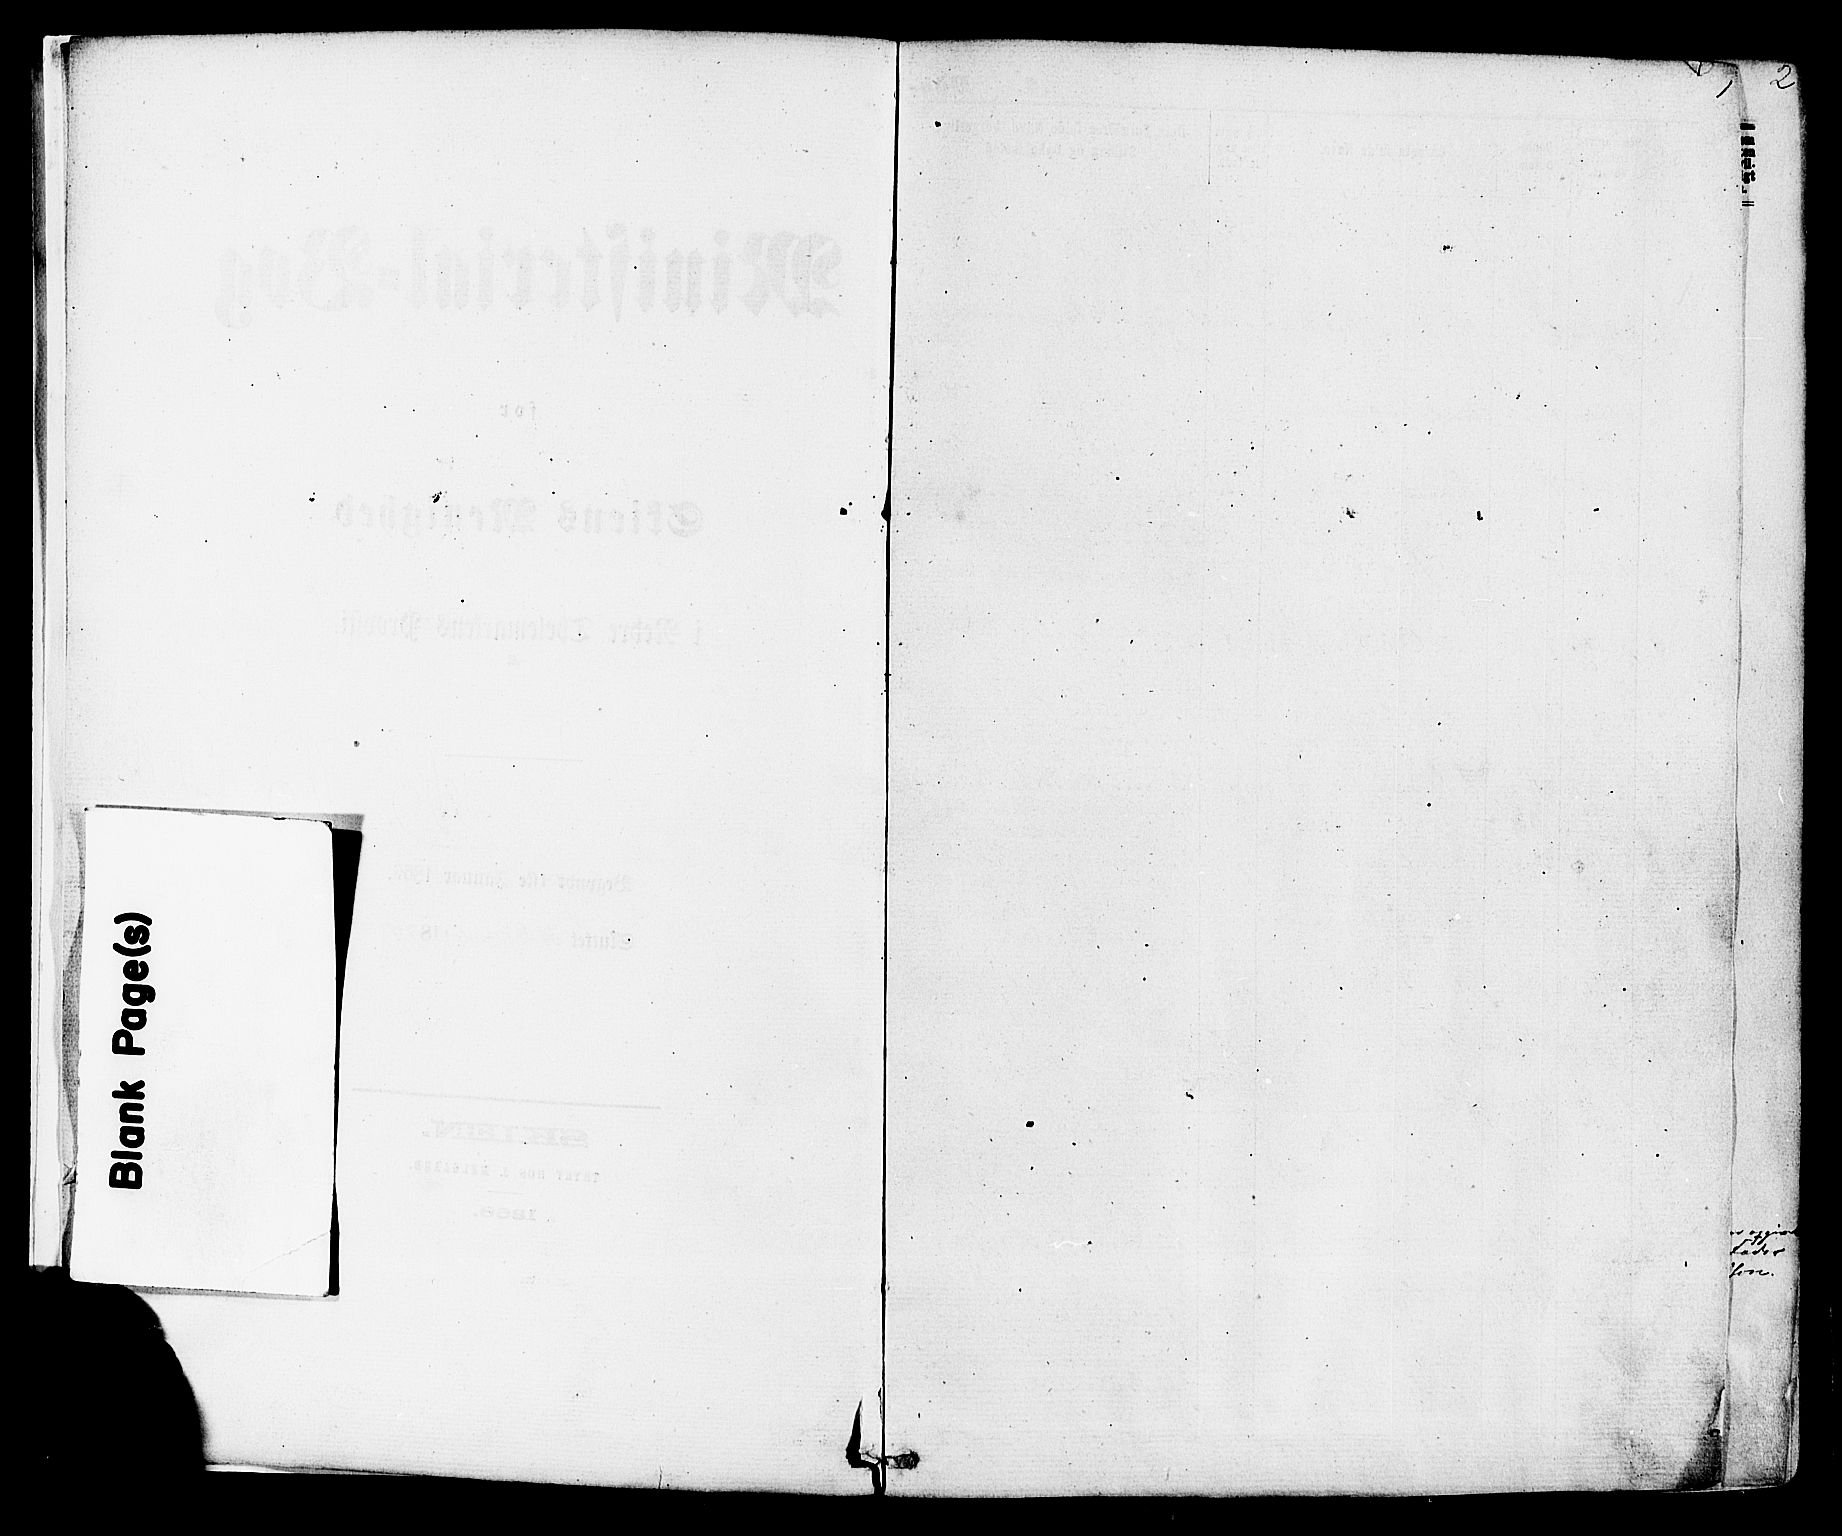 SAKO, Skien kirkebøker, F/Fa/L0008: Ministerialbok nr. 8, 1866-1877, s. 1